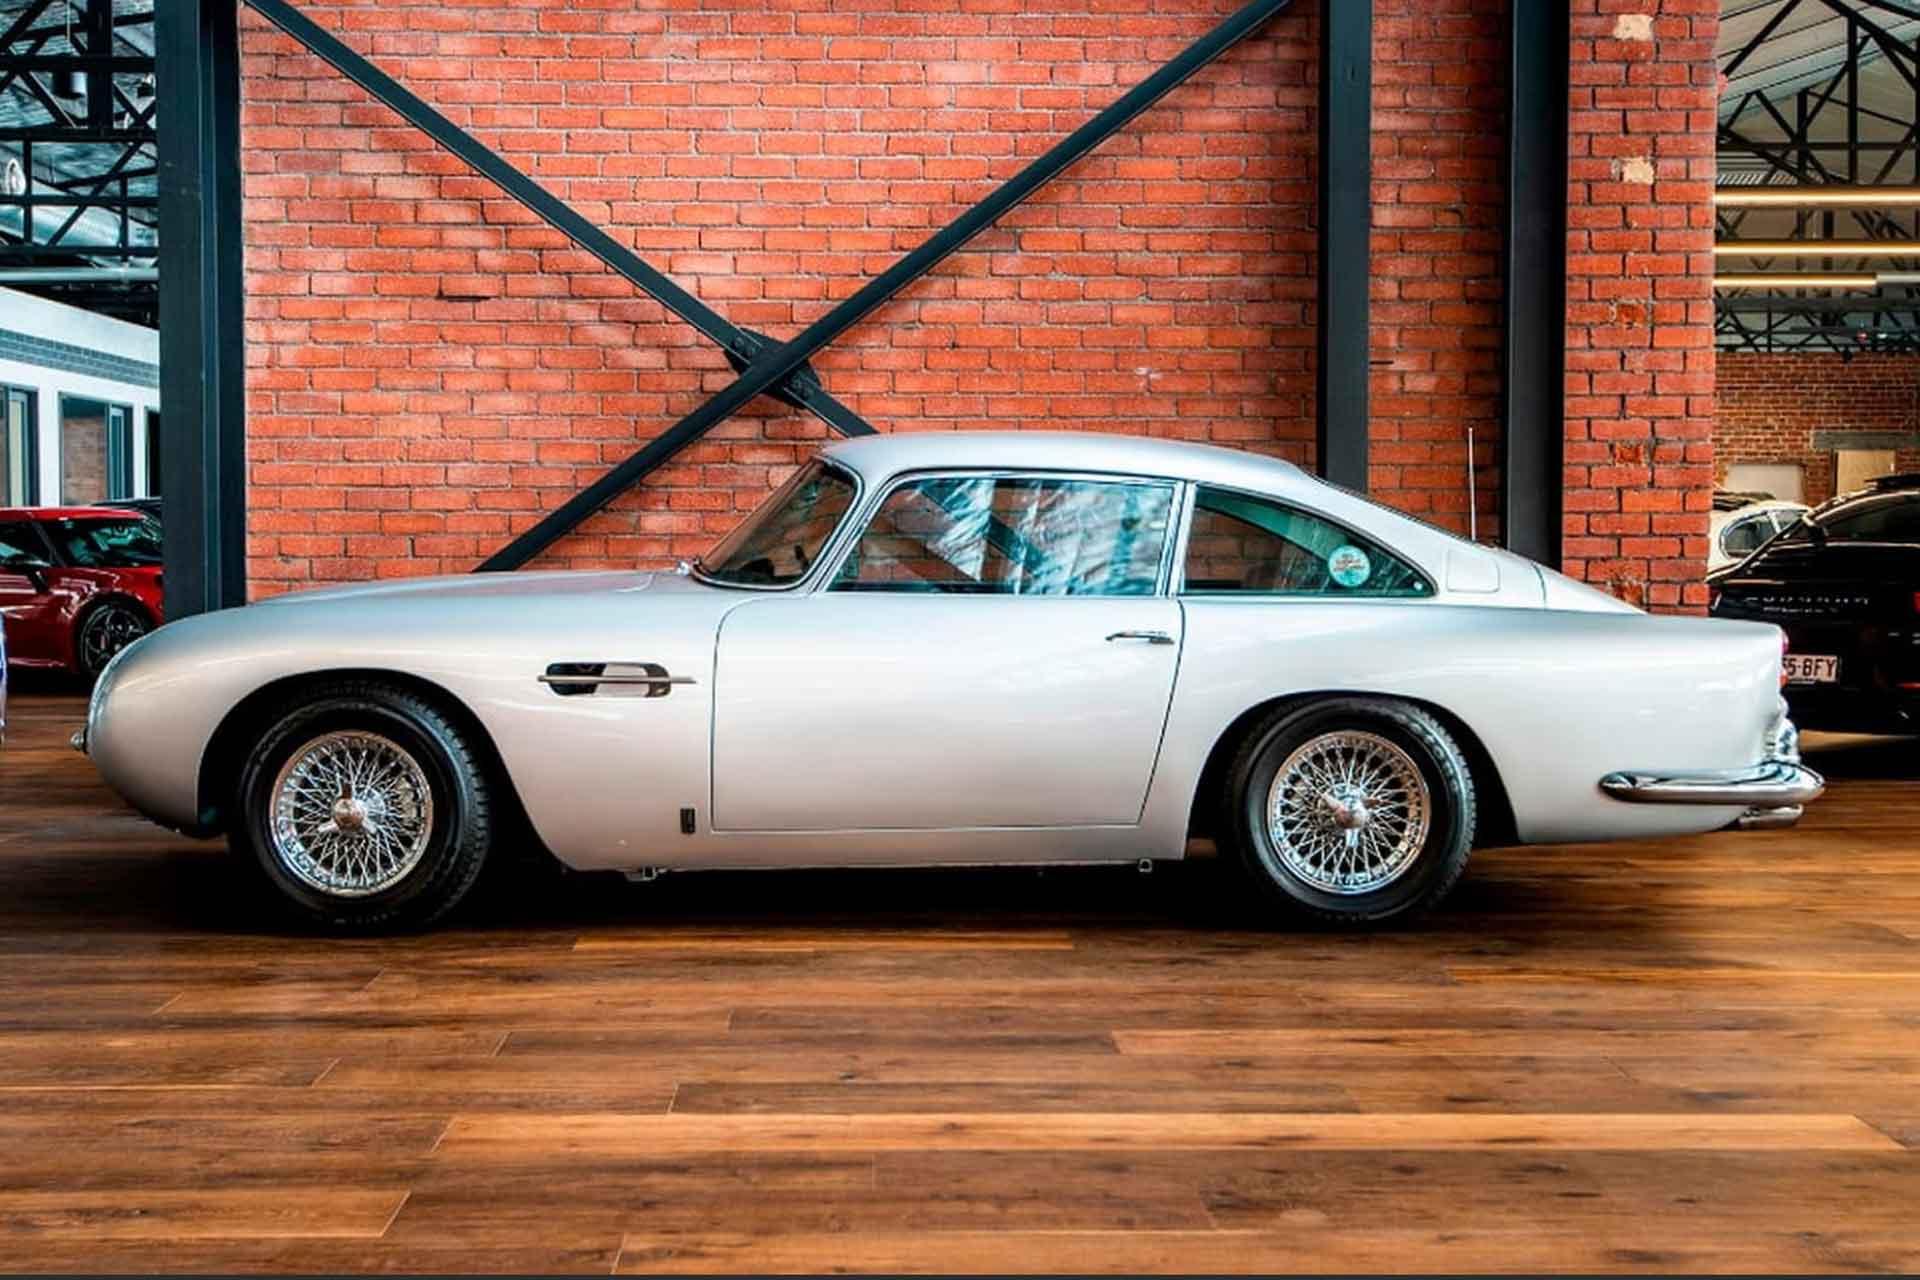 Fundstück der Woche: Ein Aston Martin DB5 Coupe von 1964 4